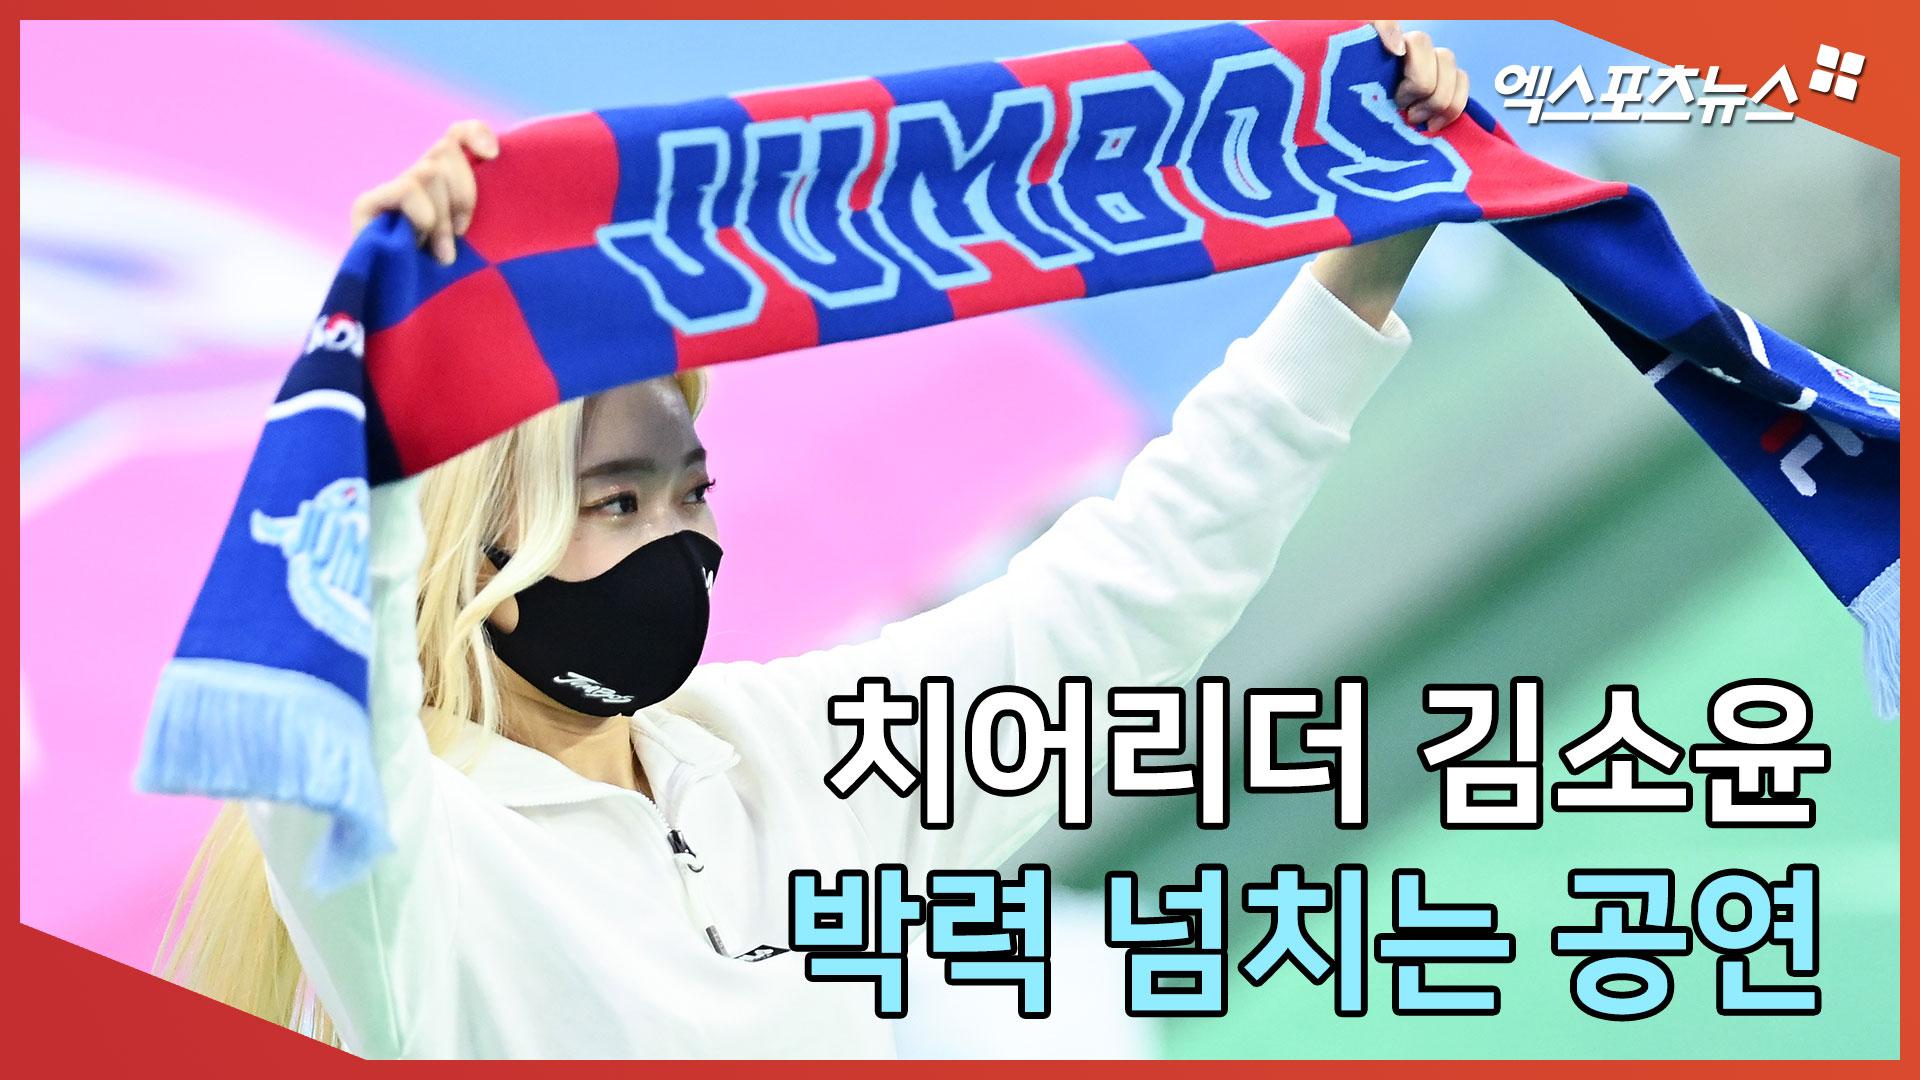 치어리더(Cheerleader) 김소윤 '여자도 반할 것 같은 박력 넘치는 공연'[엑's 영상]